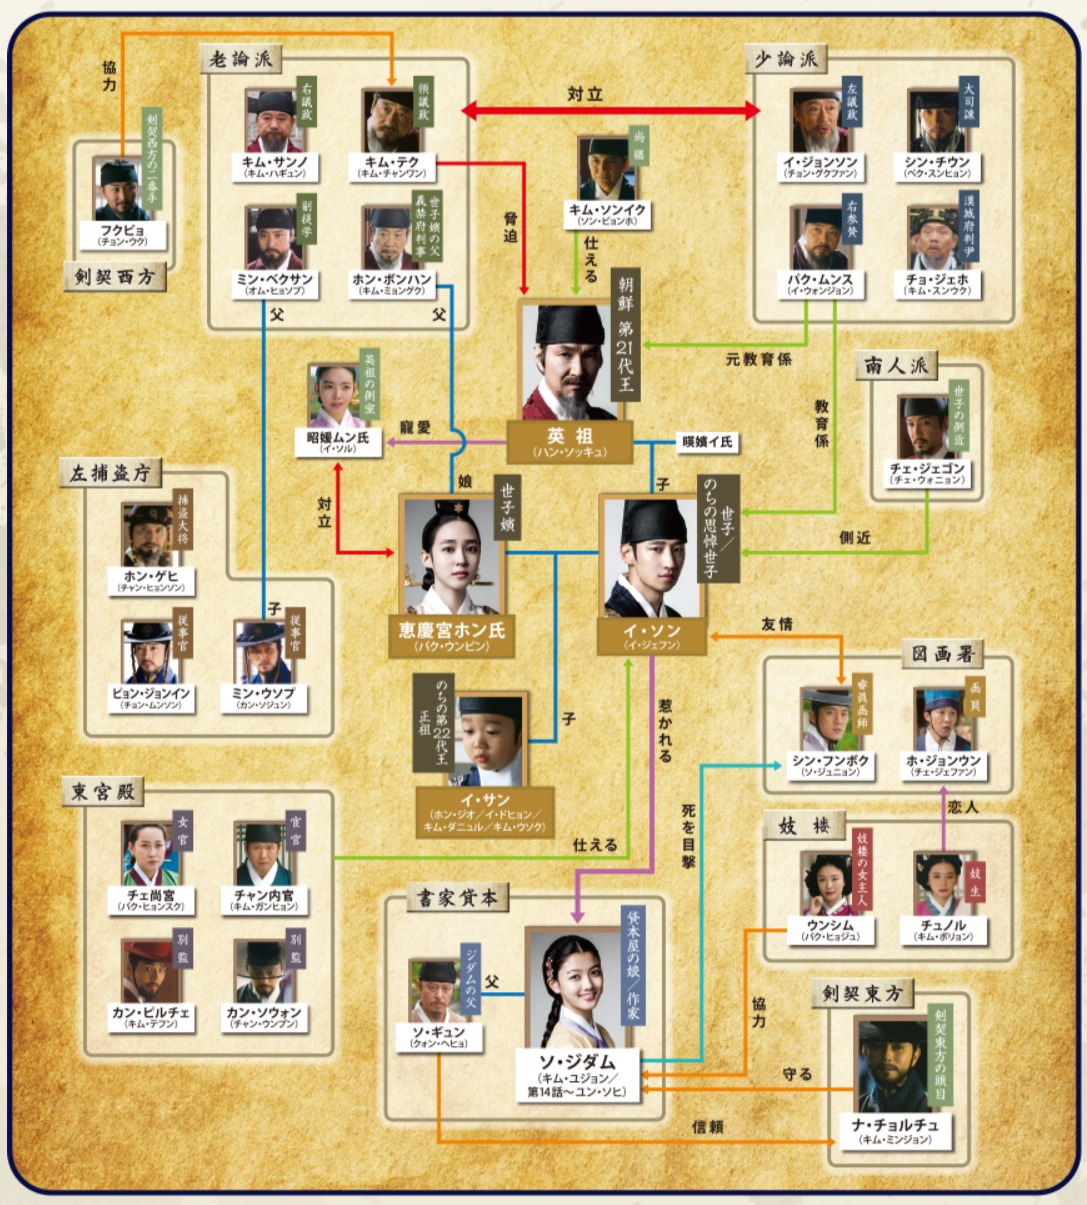 韓国ドラマ『秘密の扉』登場人物相関図(関係図)